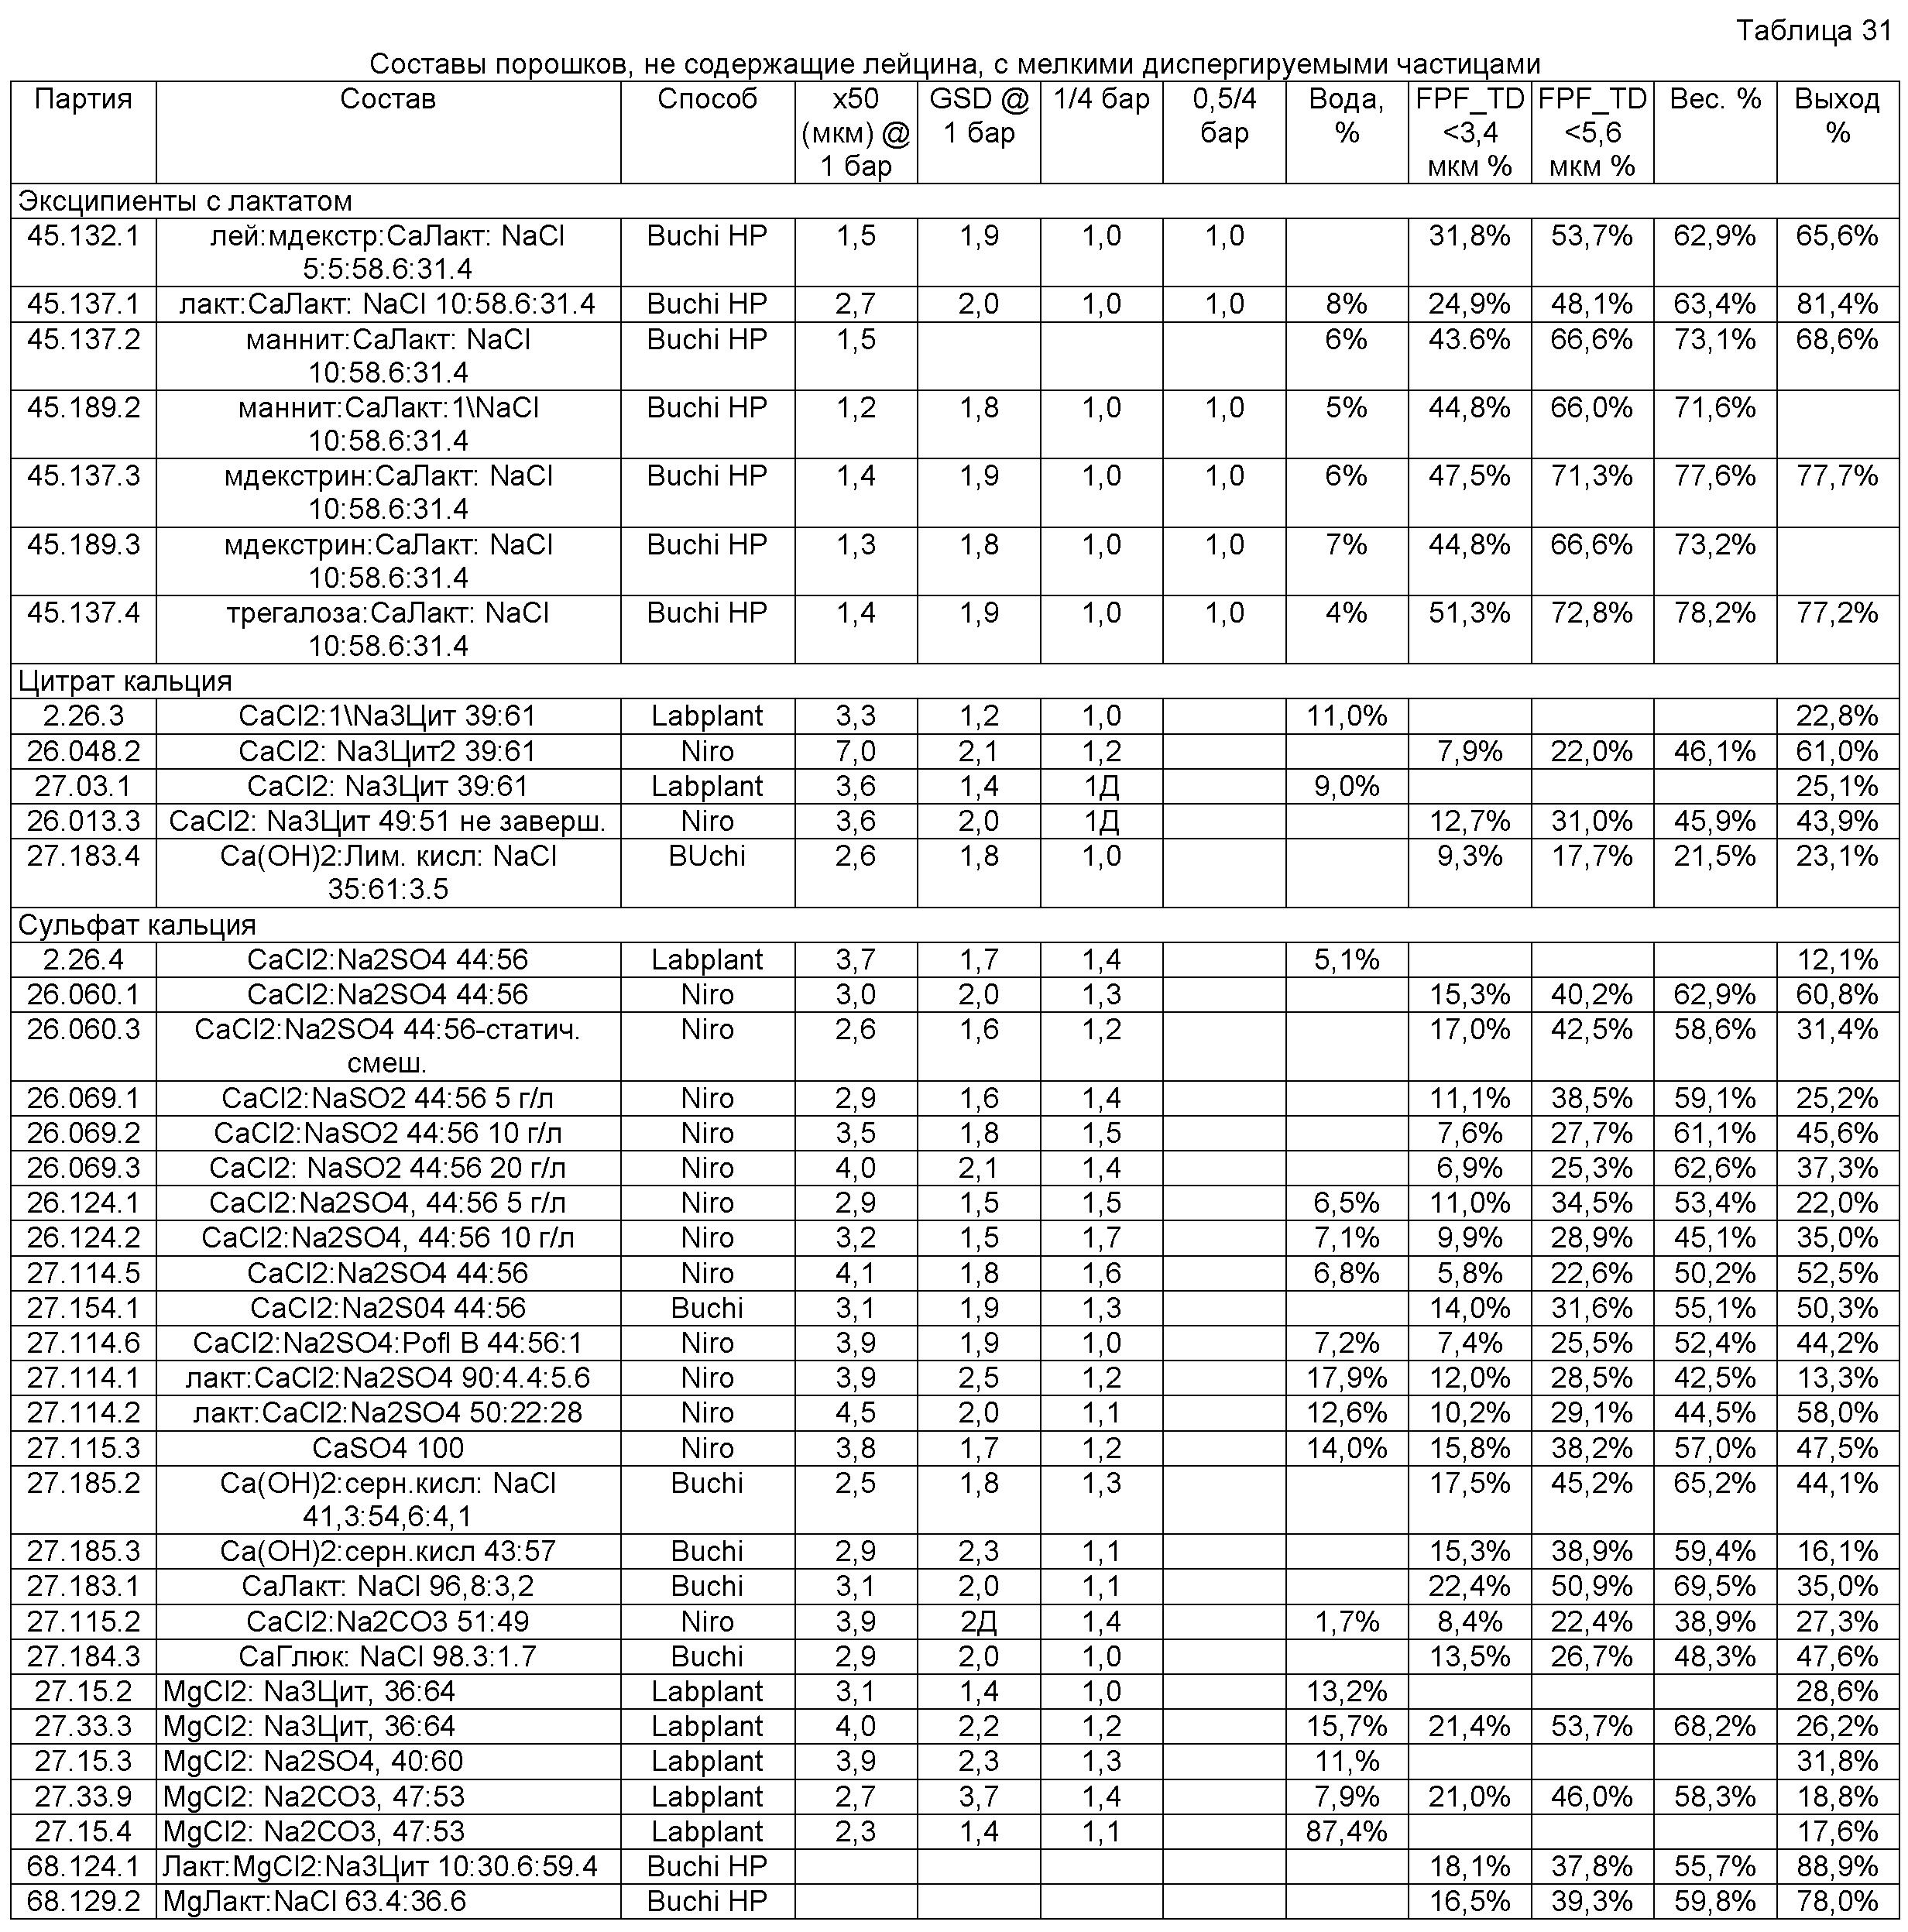 Alfa P-Scale - Удаление неорганических отложений и кабоната кальция Петрозаводск теплообменником климатической установки